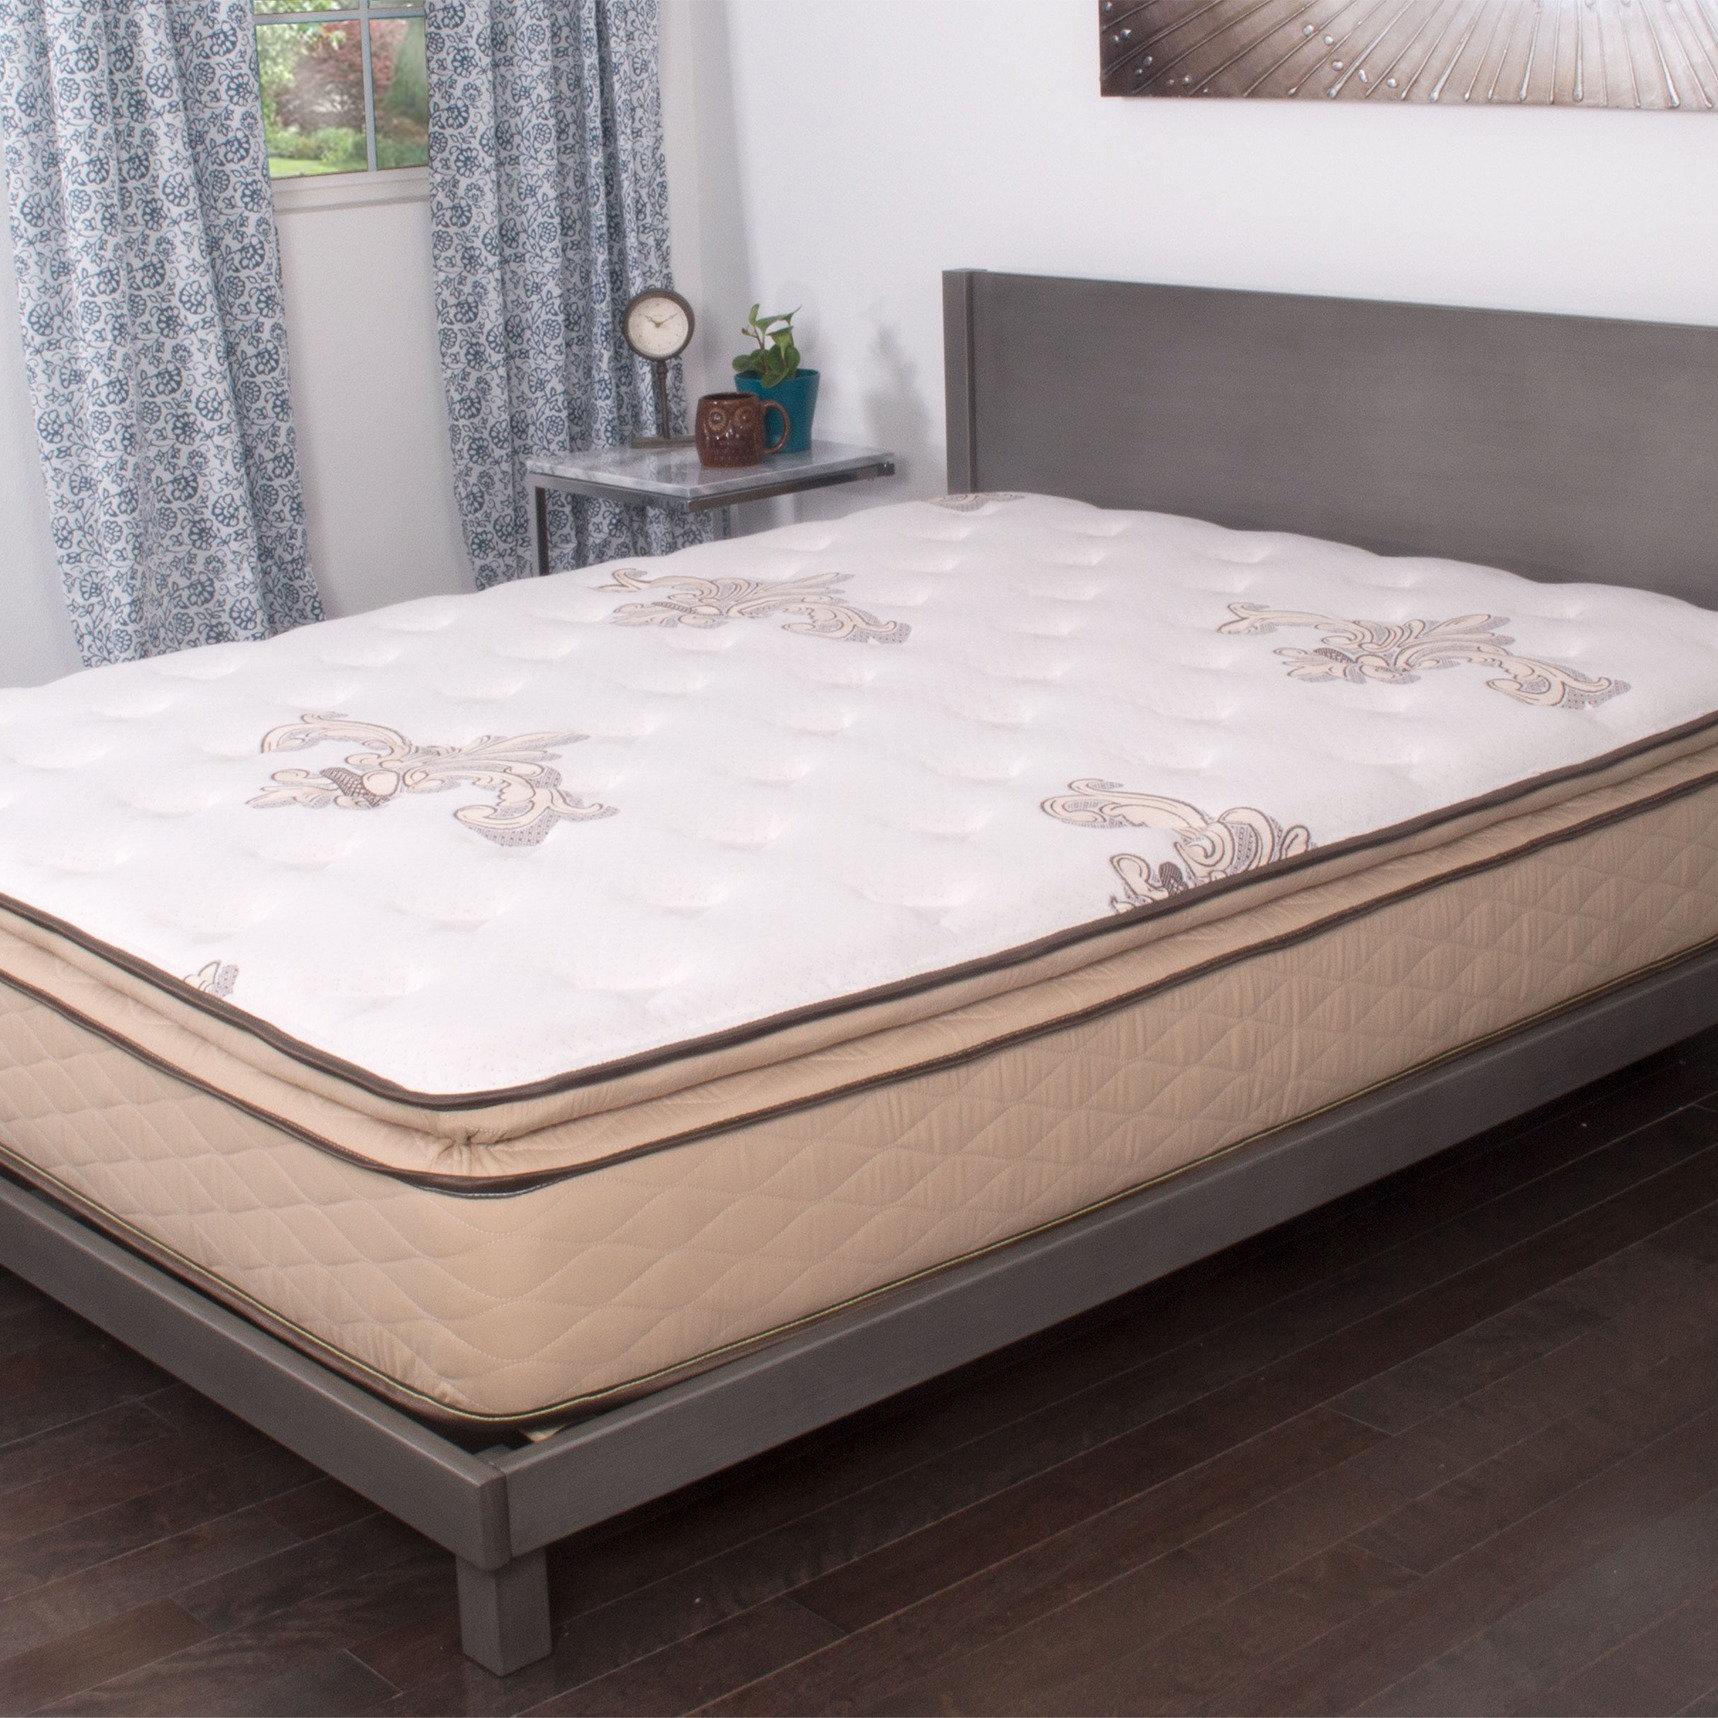 NuForm Quilted Pillow Top 11inch California Kingsize Foam Mattress